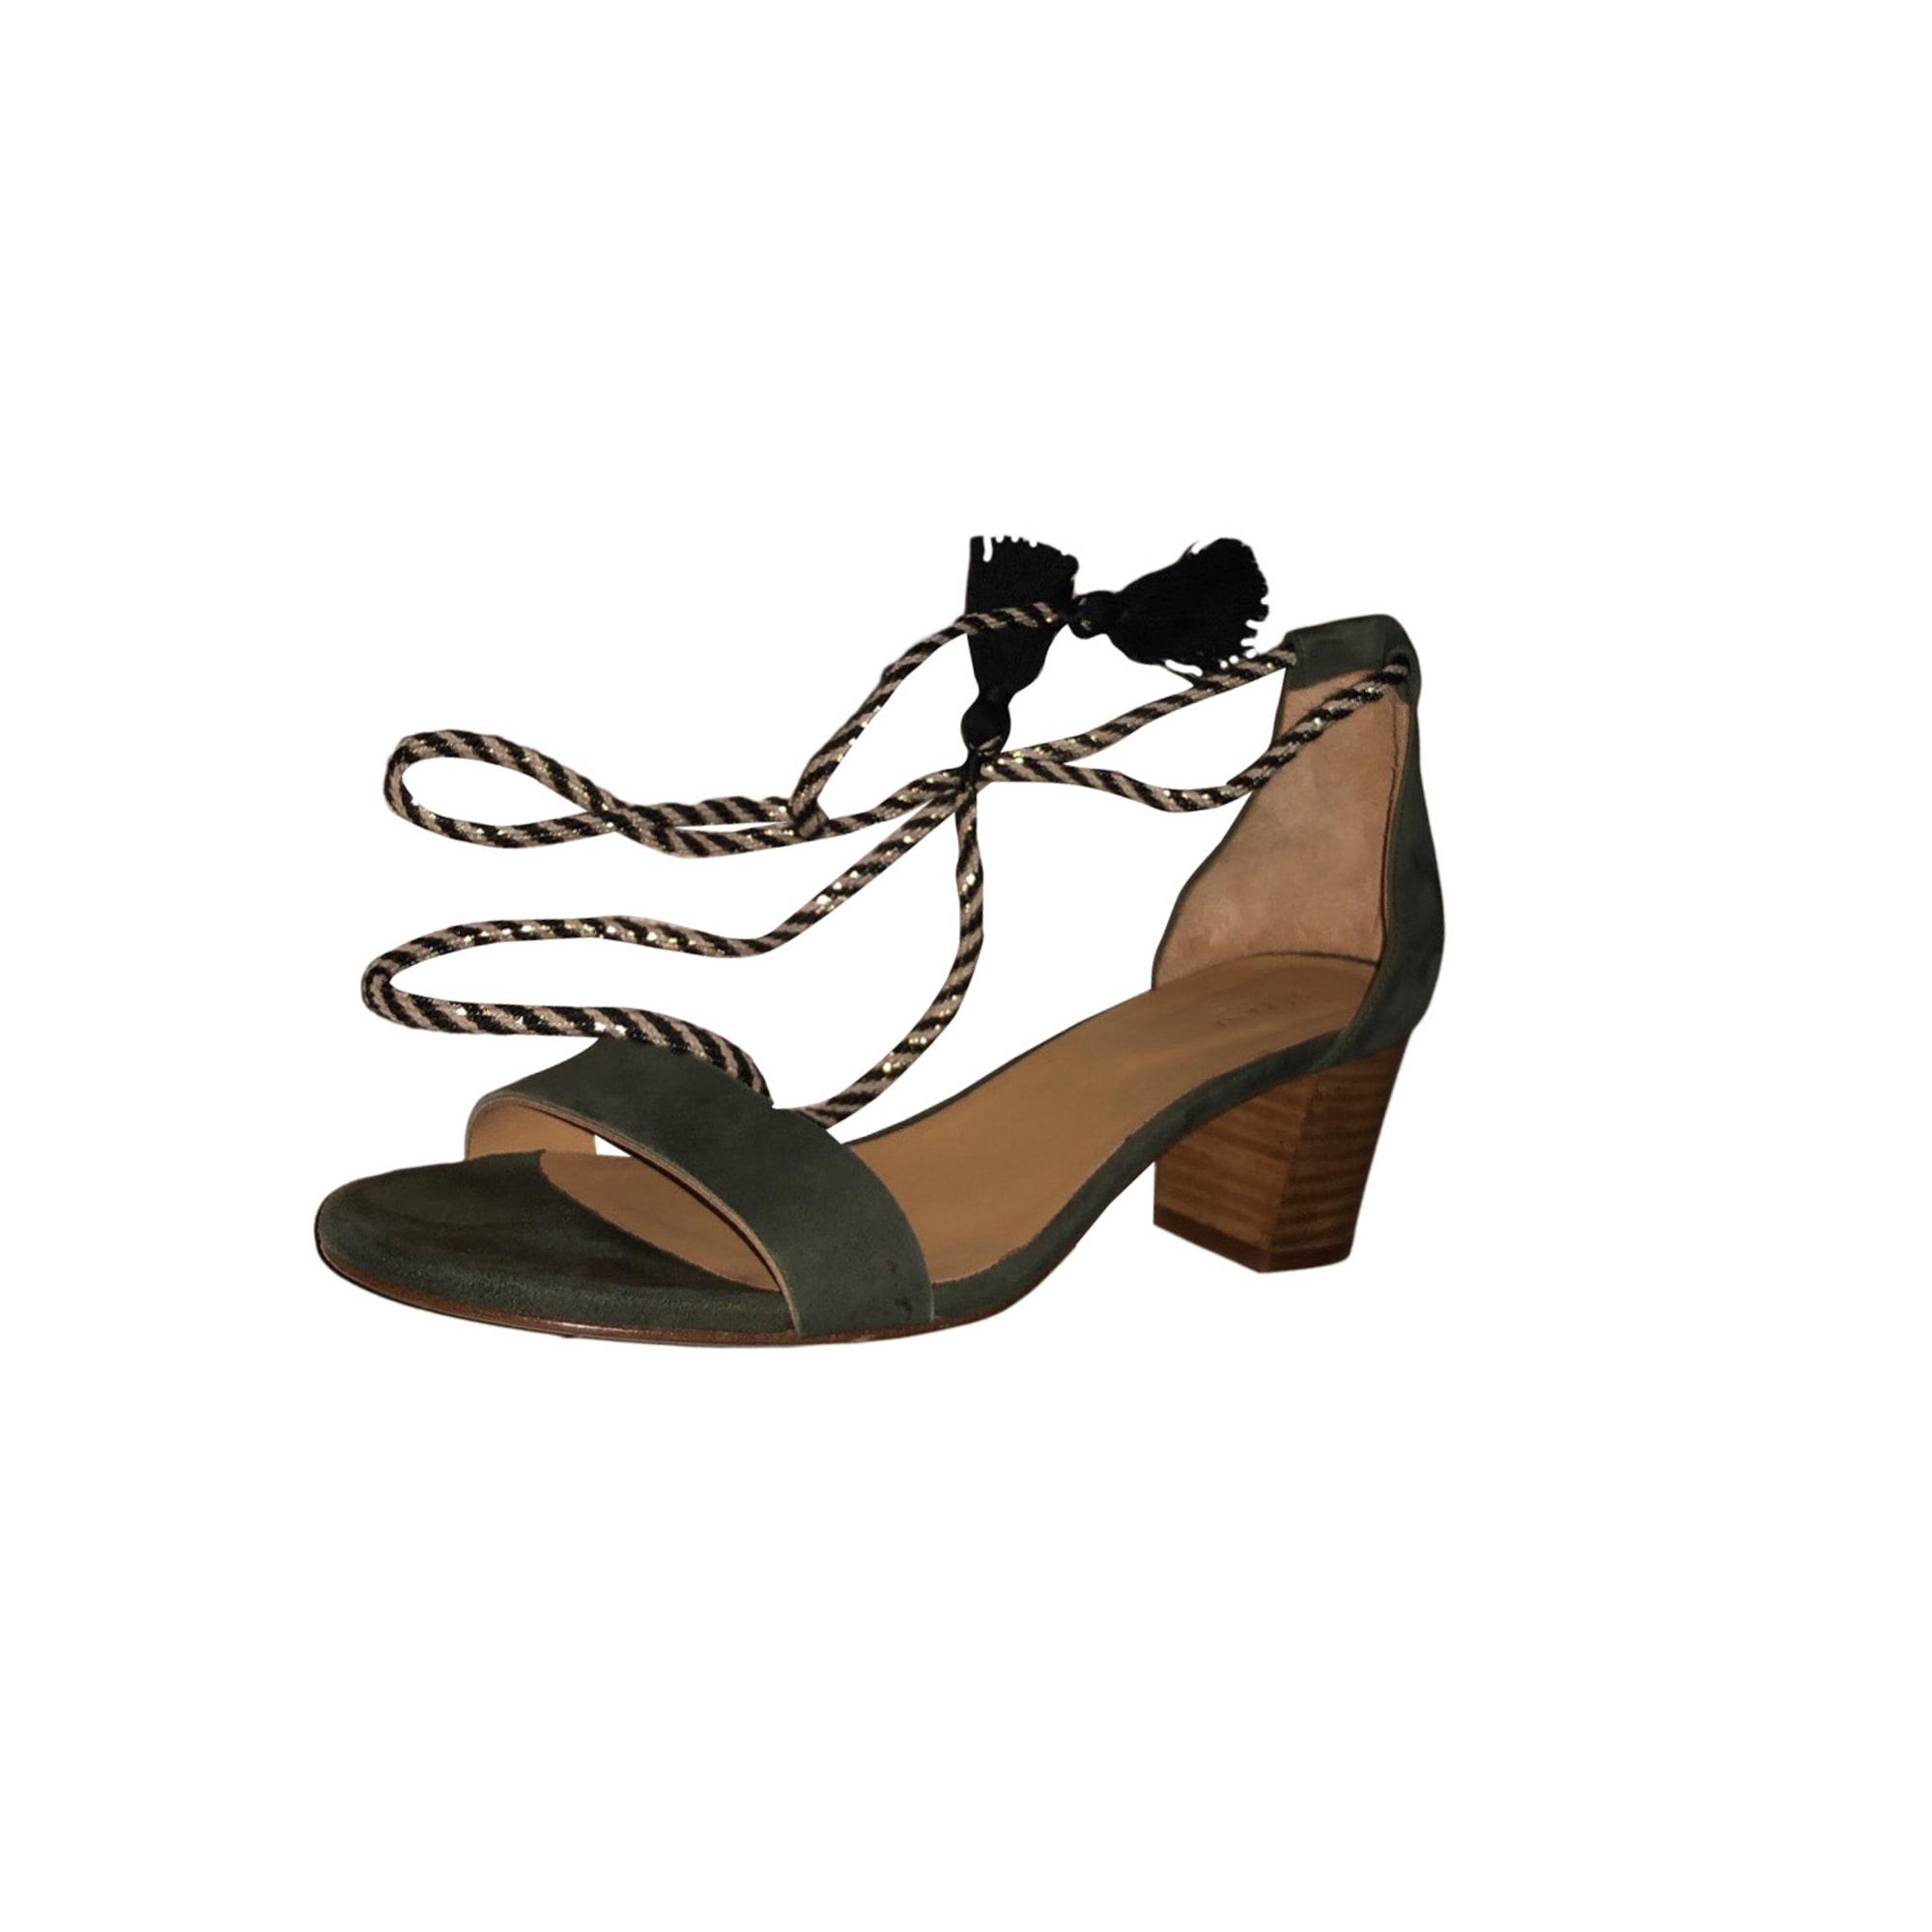 Sandales à talons SÉZANE 42 kaki vendu par Ombeline 81 7791799